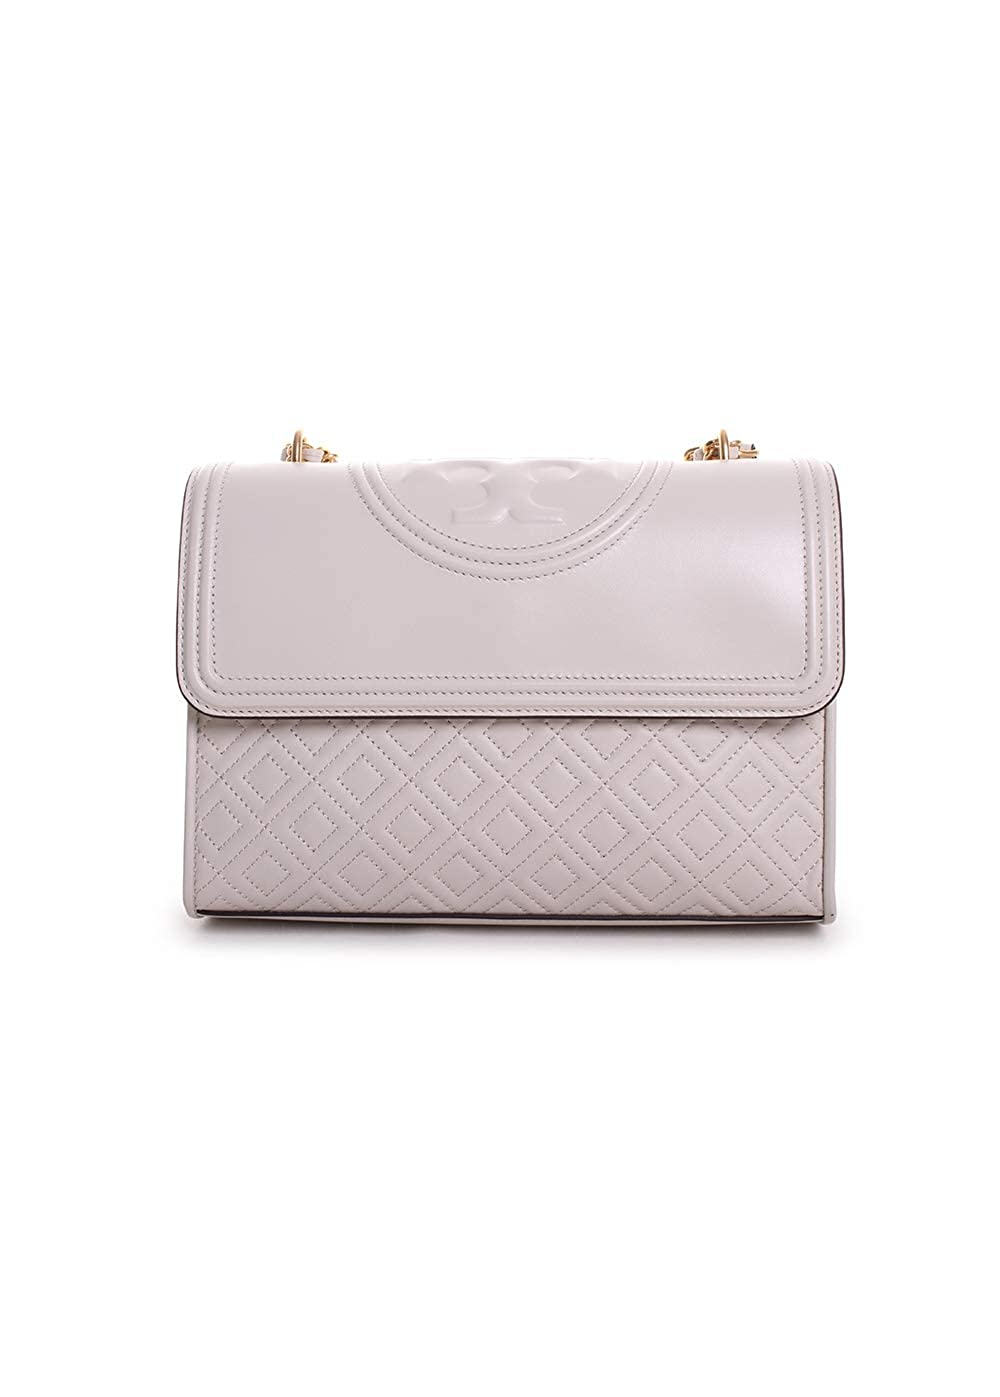 07e94721da8 Amazon.com  Tory Burch Fleming Convertible Leather Shoulder Bag (Birch)   Clothing